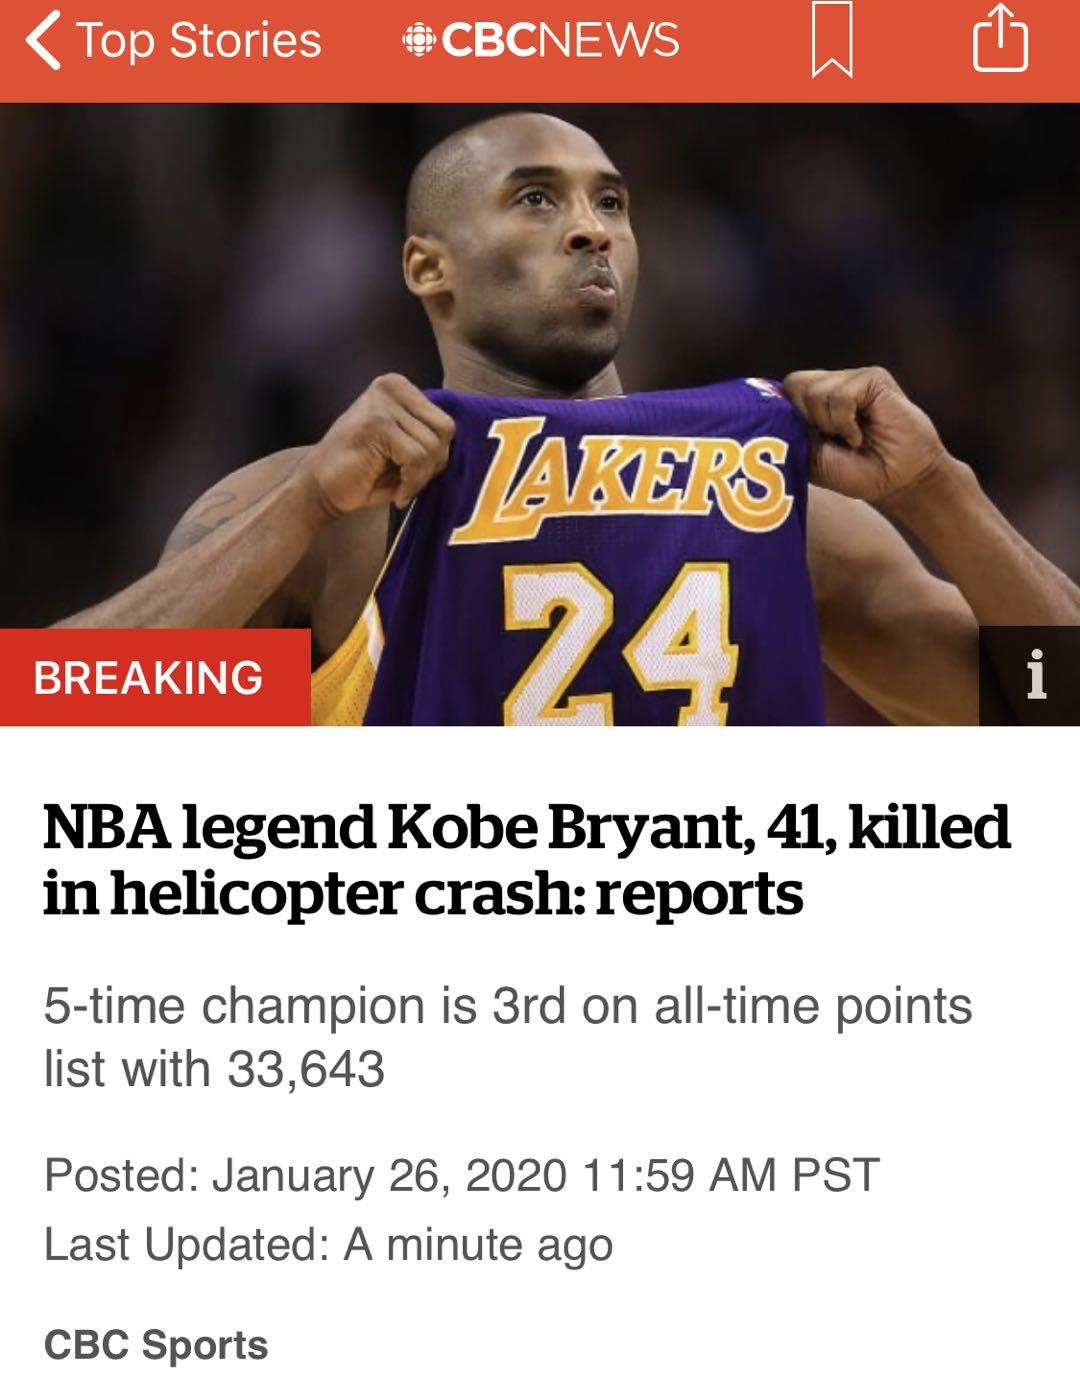 驚爆突發!NBA籃球巨星科比去世